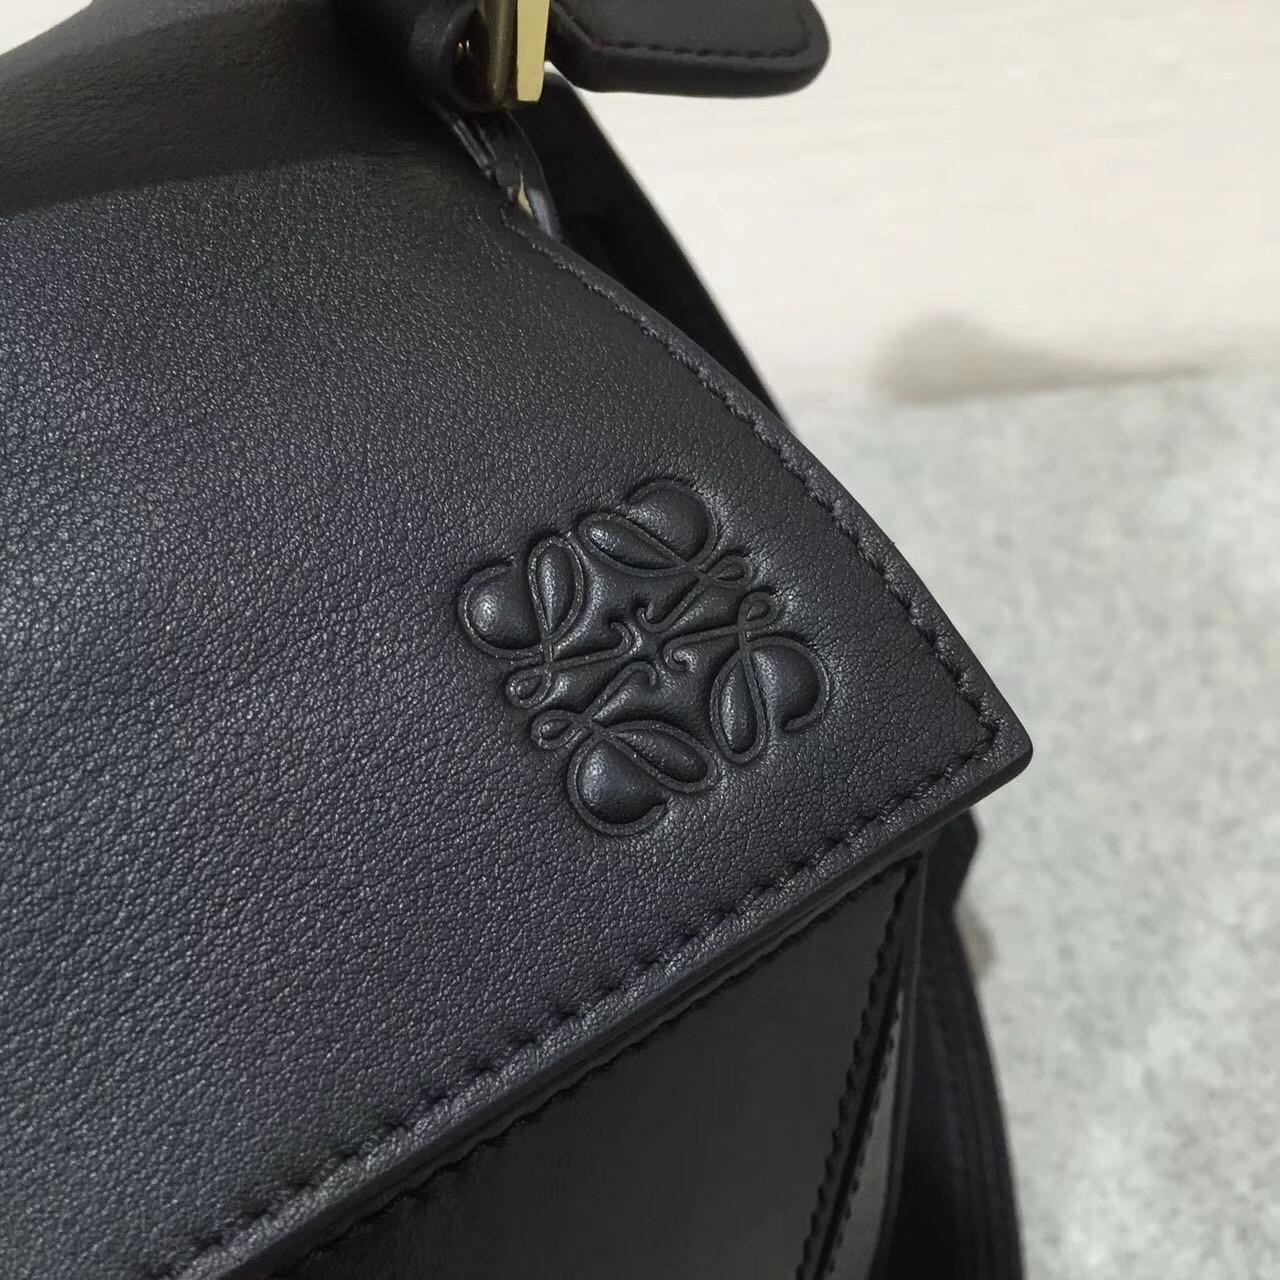 羅意威LOEWE Puzzle Bag 黑色 采用進口西班牙不同小牛皮質拼接